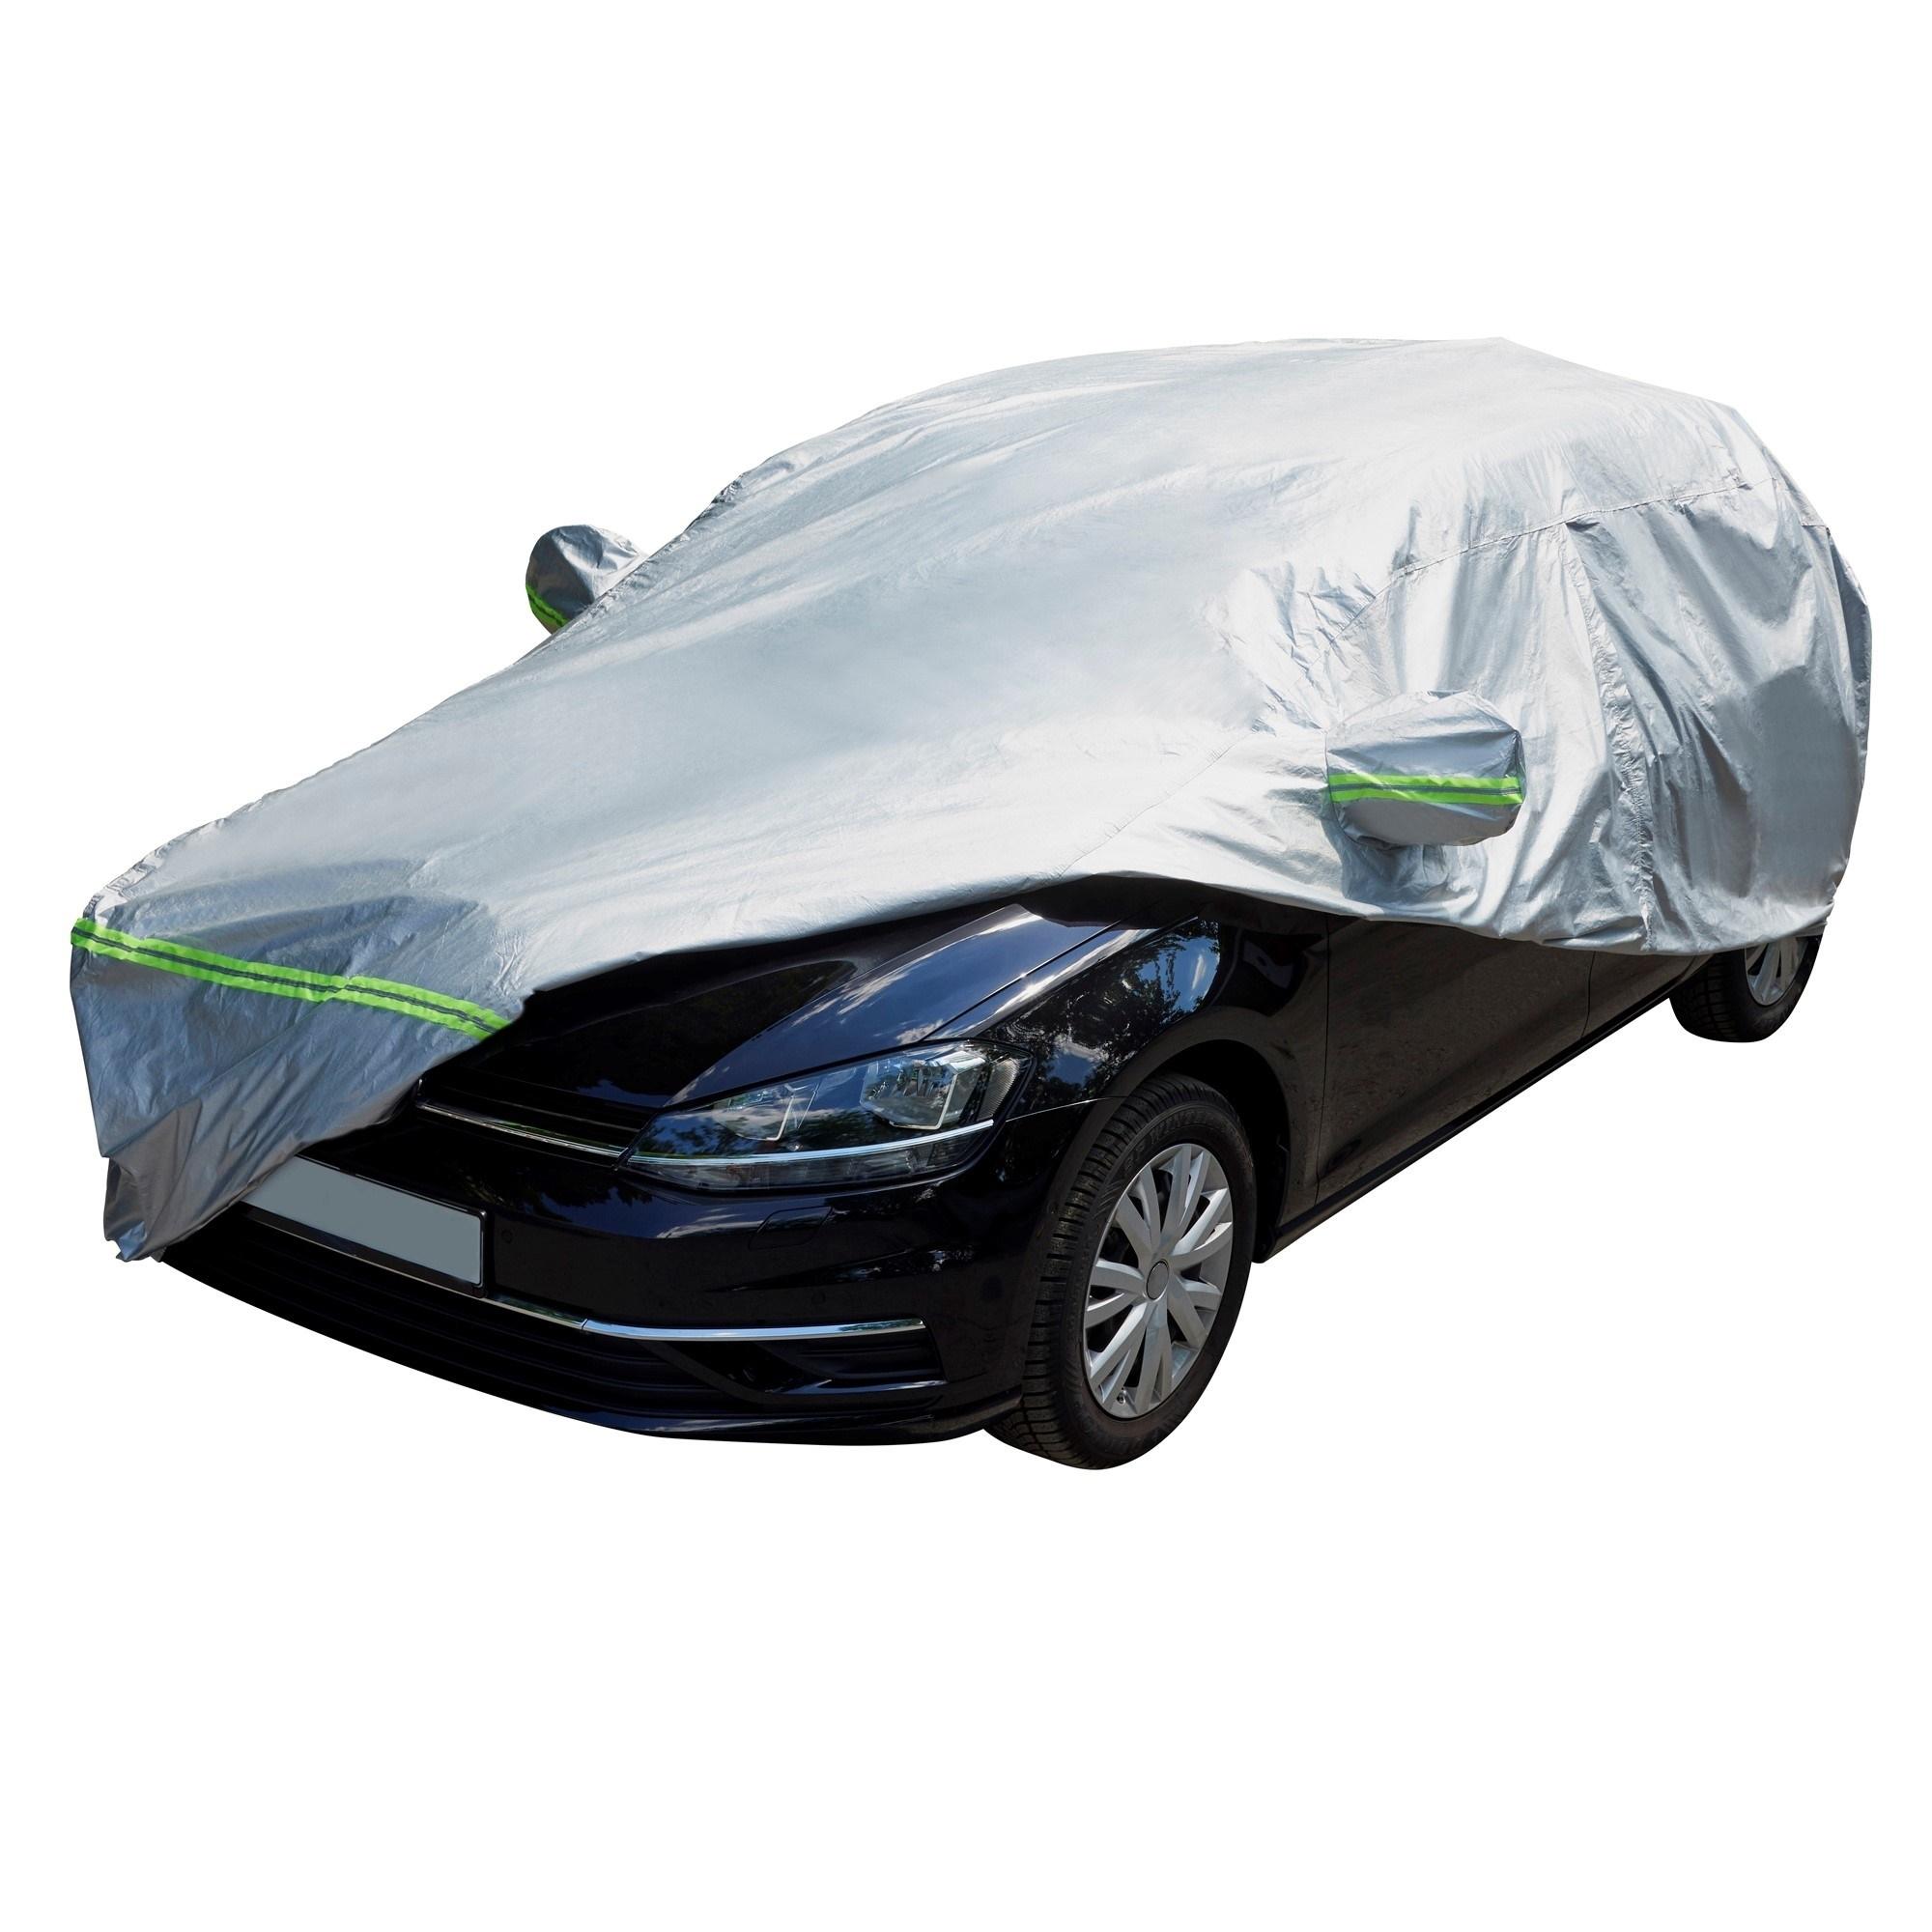 Helgarage til bil Str. S - Mål: L435xB180xH160 cm Udvendig tilbehør